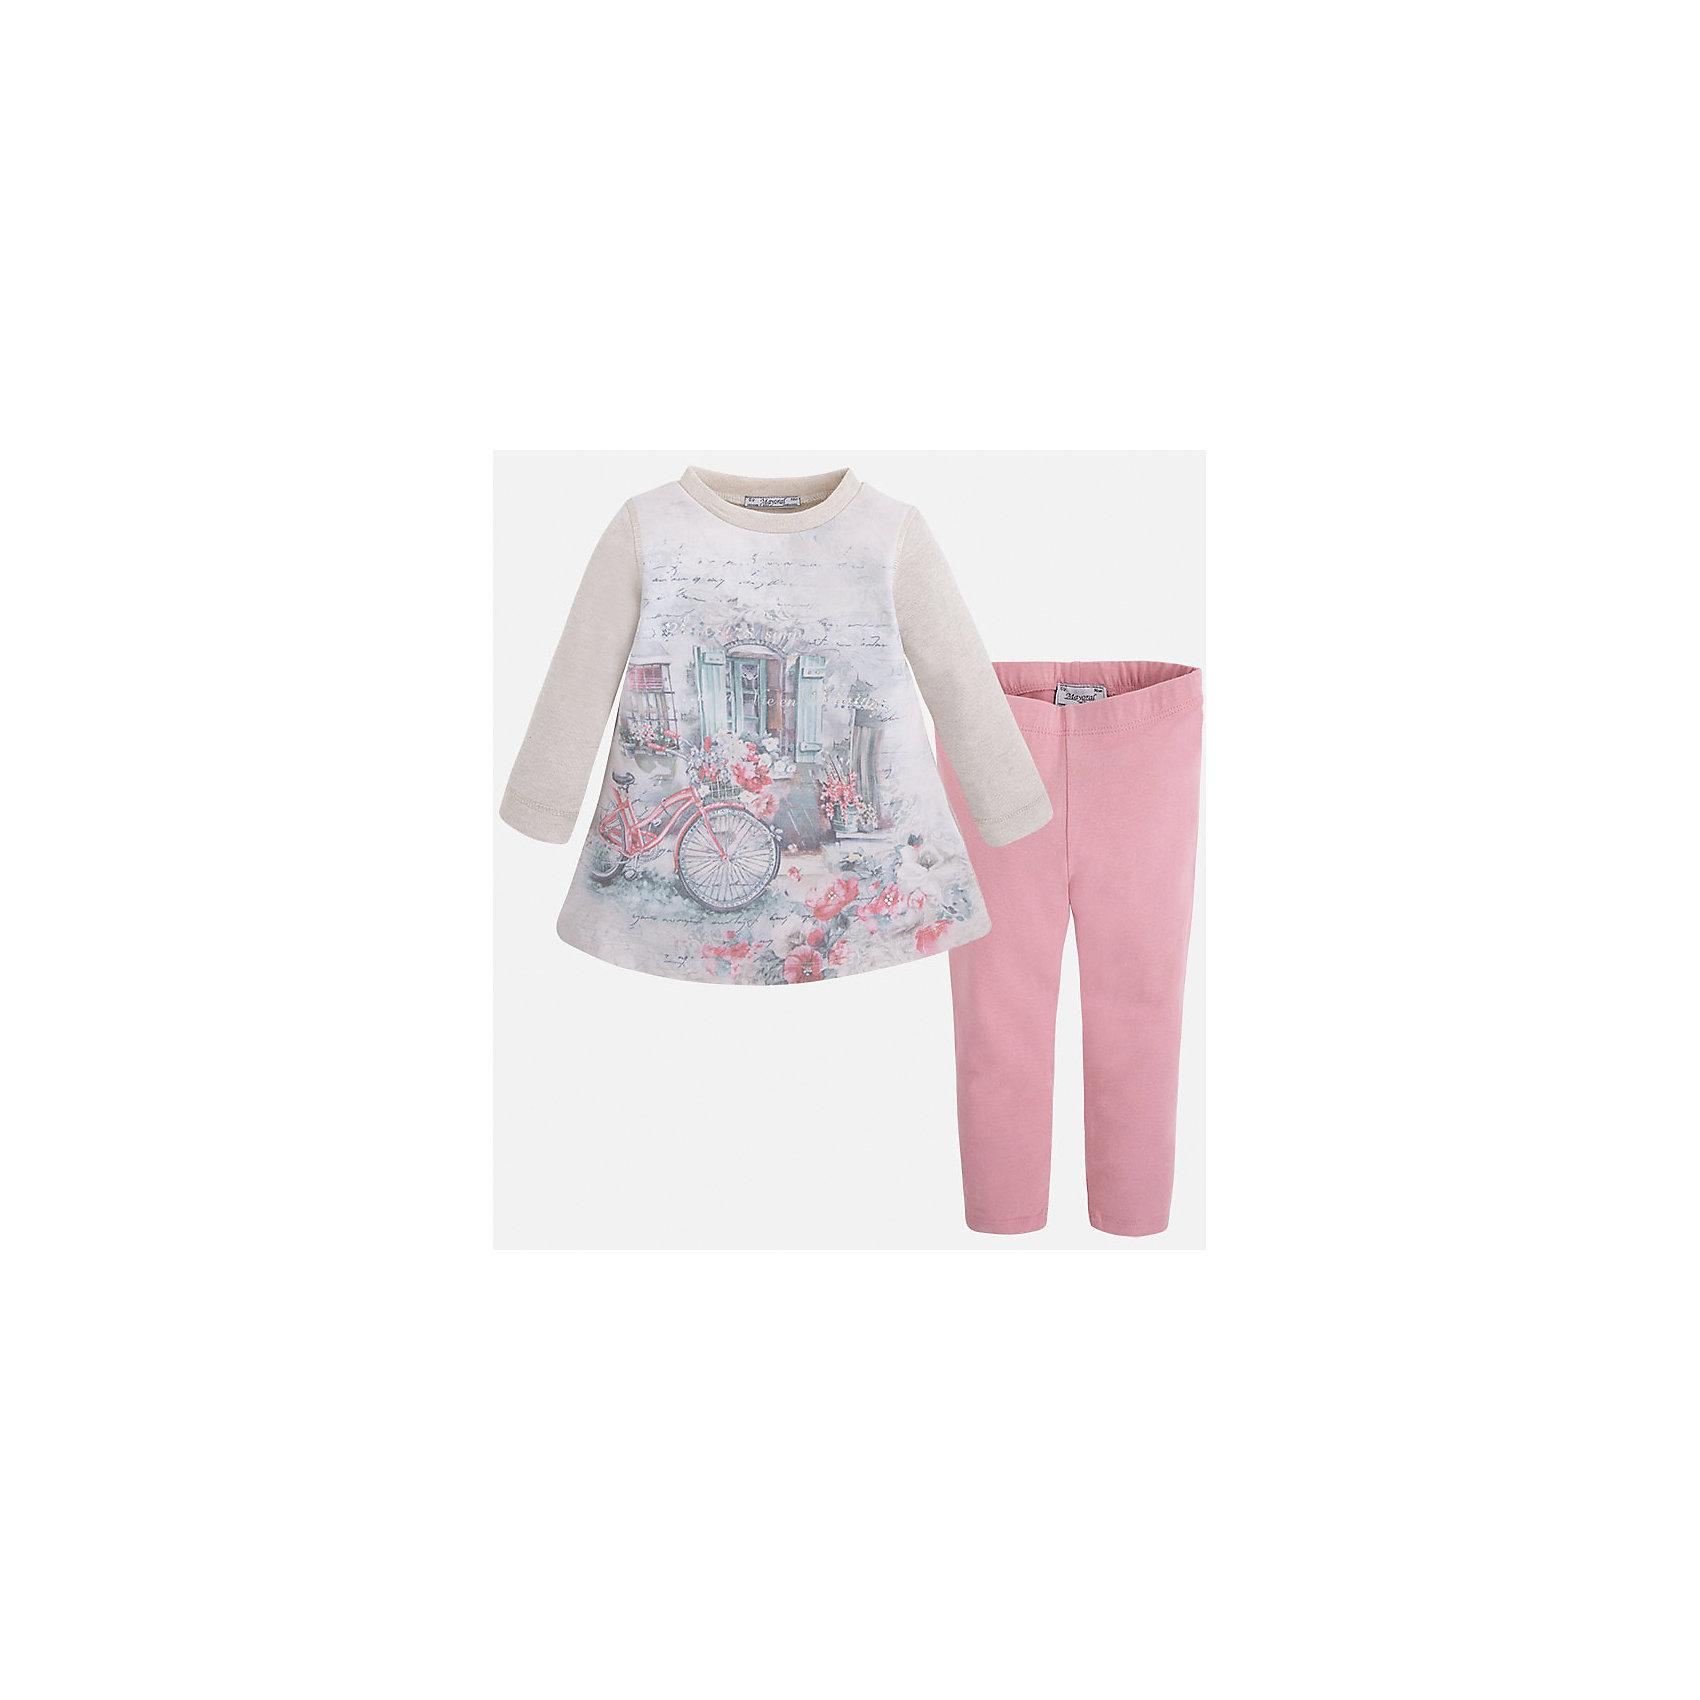 Mayoral Комплект для девочки Mayoral комплект aziz bebe для девочки цвет молочный розовый